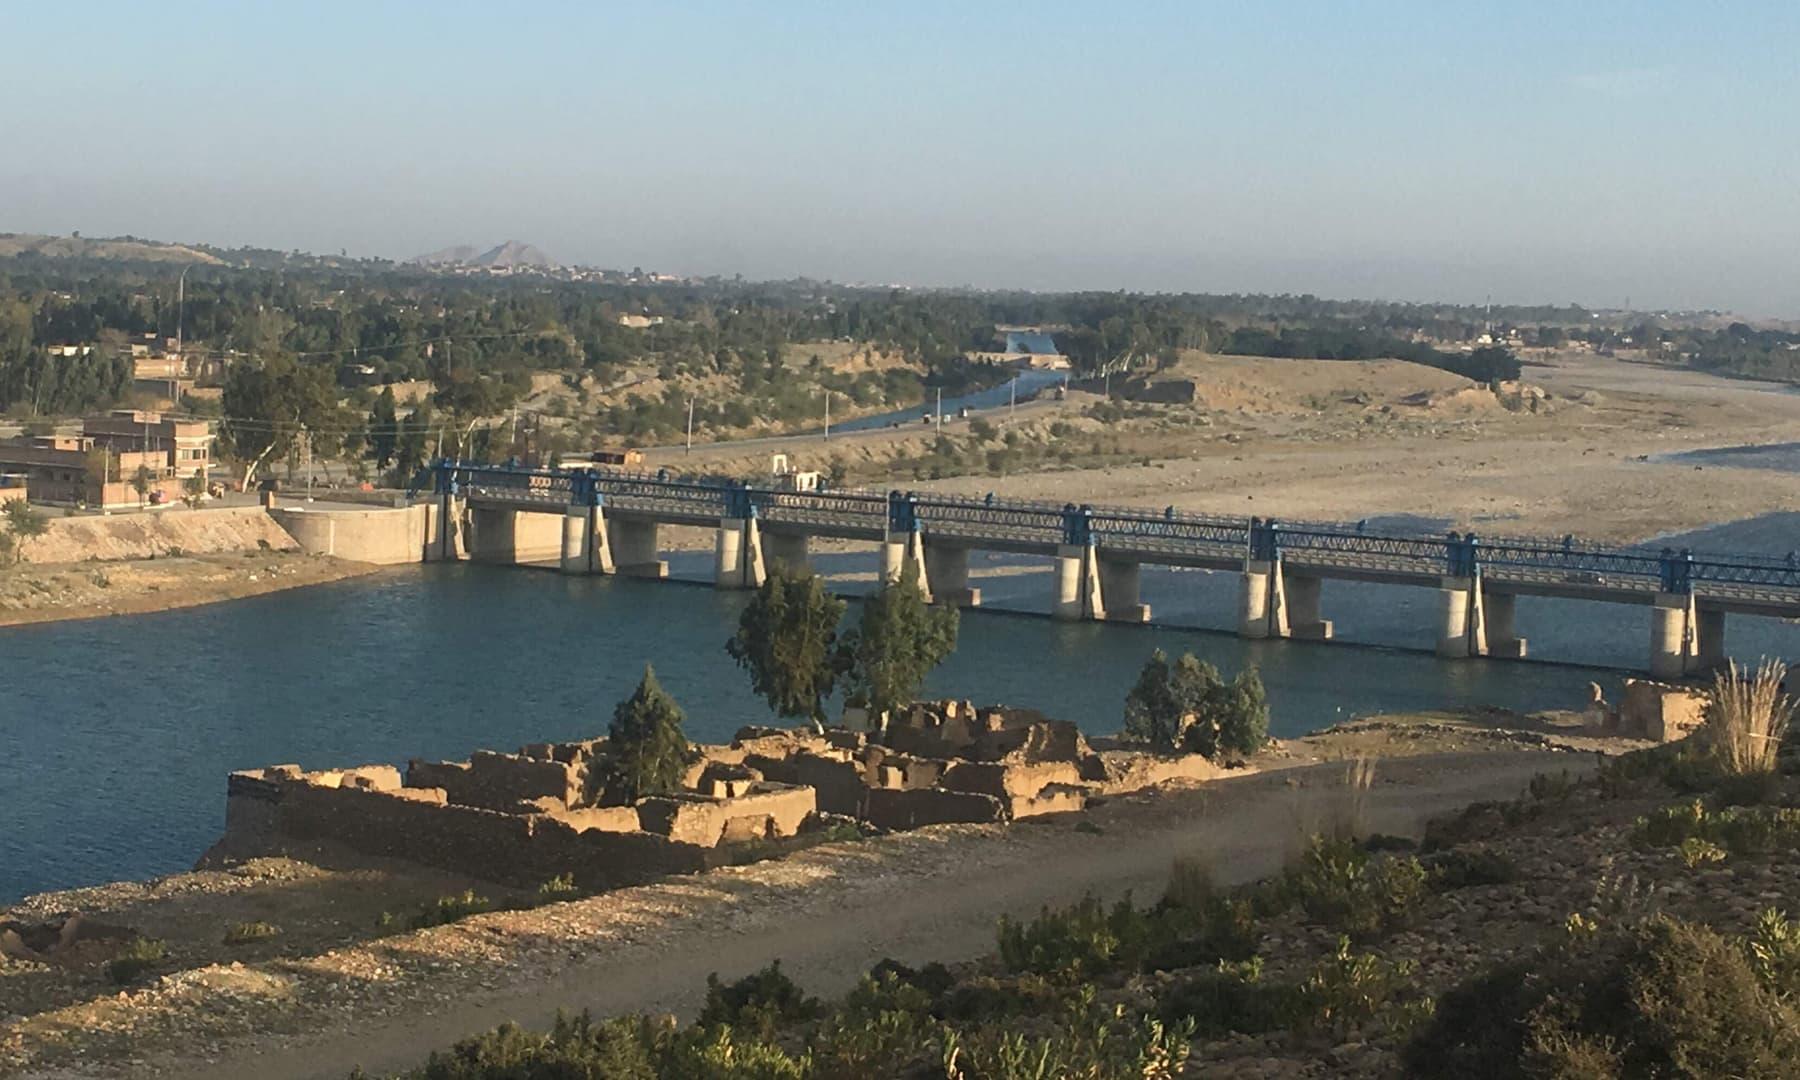 دریائے سوات پر موجود منڈہ ہیڈ بیراج اور مہمند ڈیم کا علاقہ—عظمت اکبر